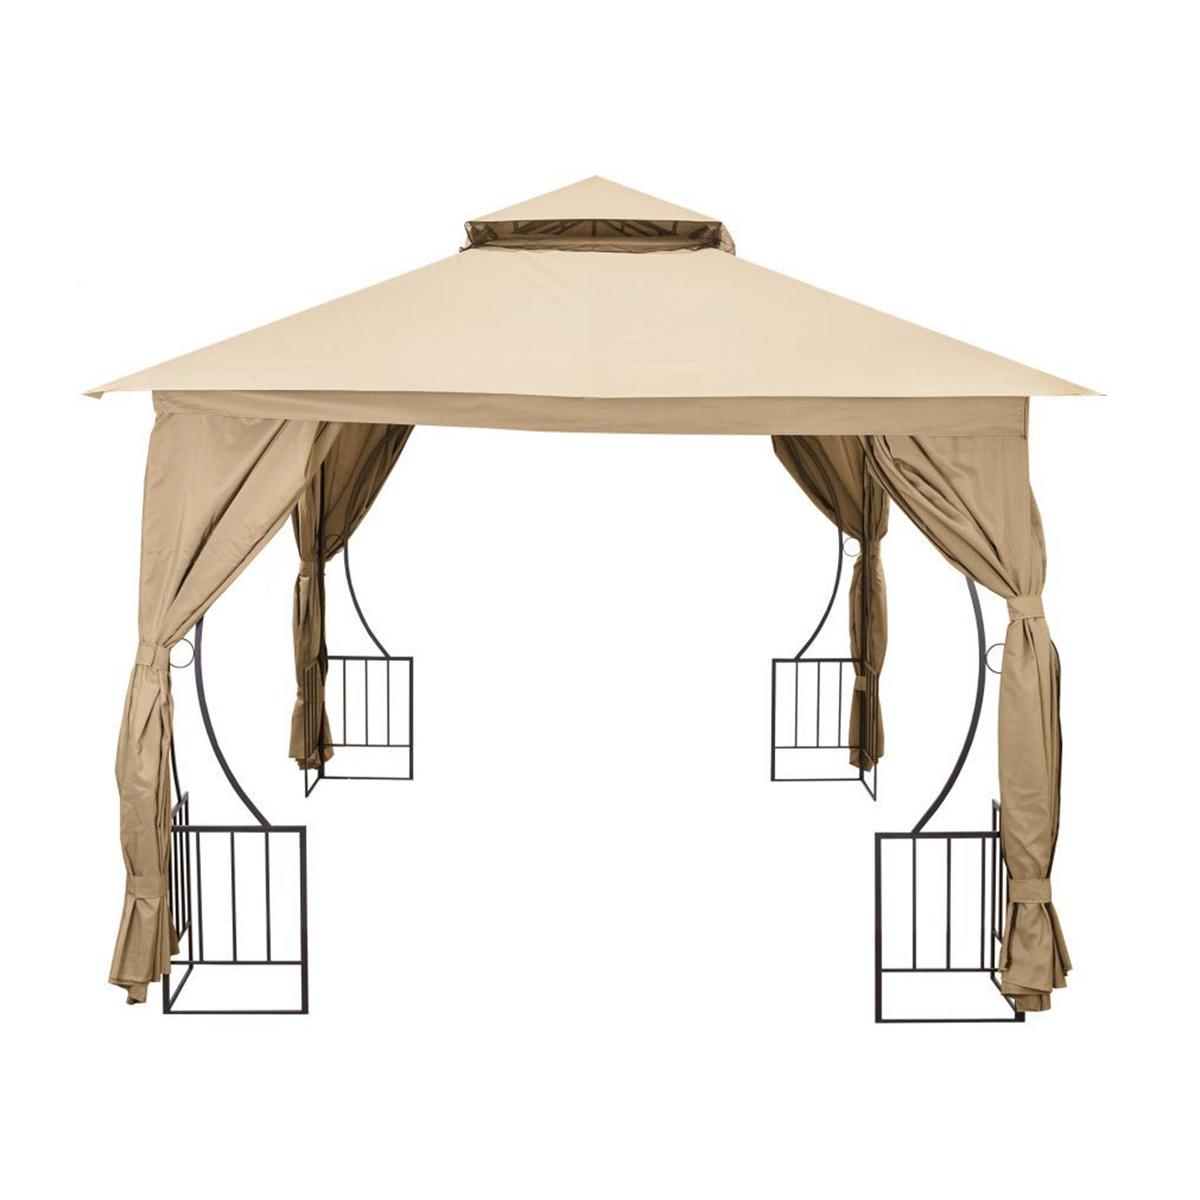 Záhradný altánok pavilón lux 3x3m | béžový